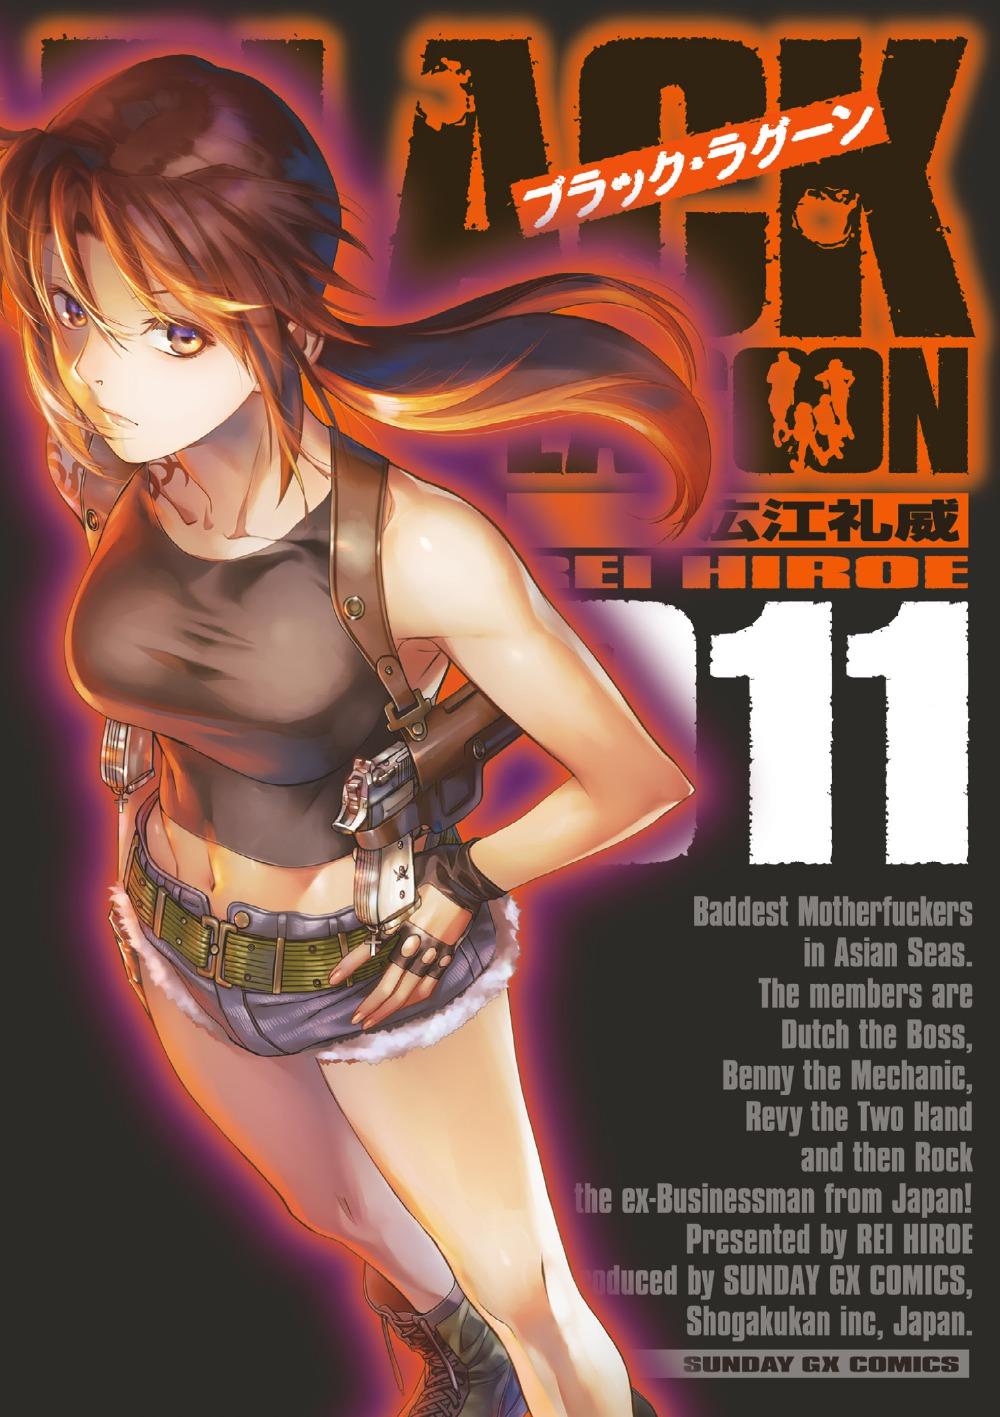 Black Lagoon ブラック ラグーン 最新巻 コミックス週間売り上げ